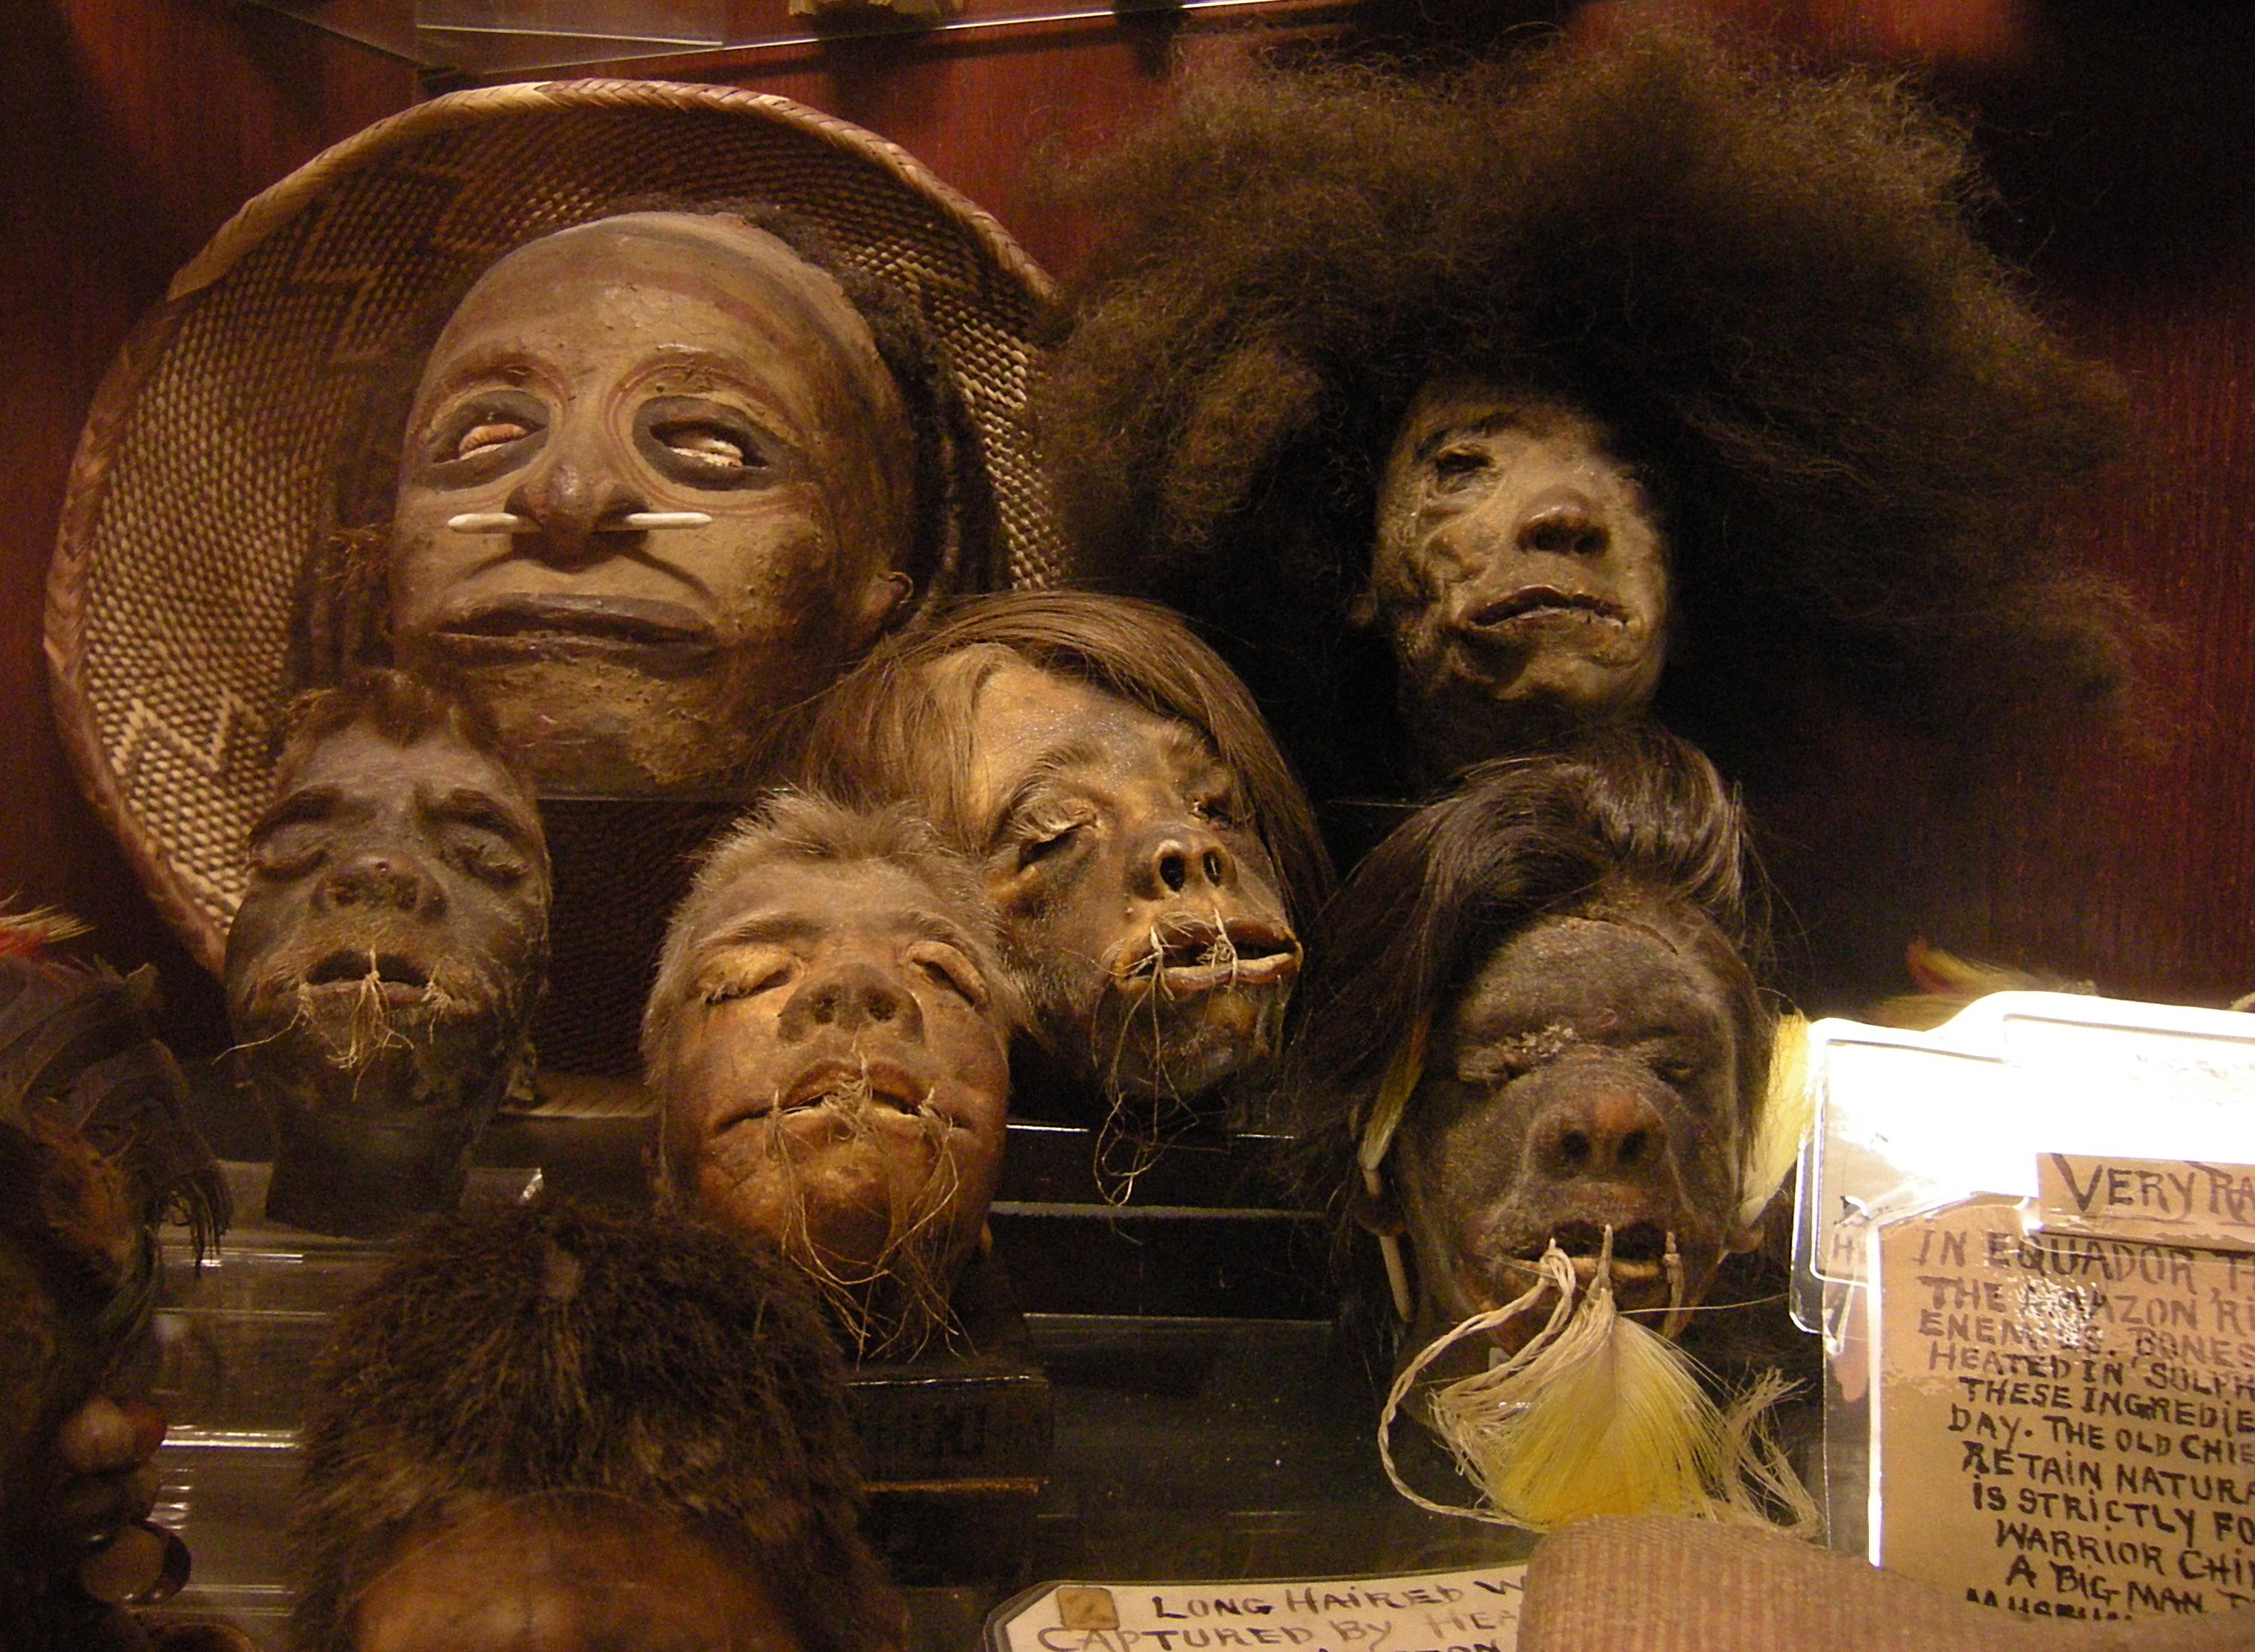 Seattle_-_Curiosity_Shop_-_shrunken_heads_02A